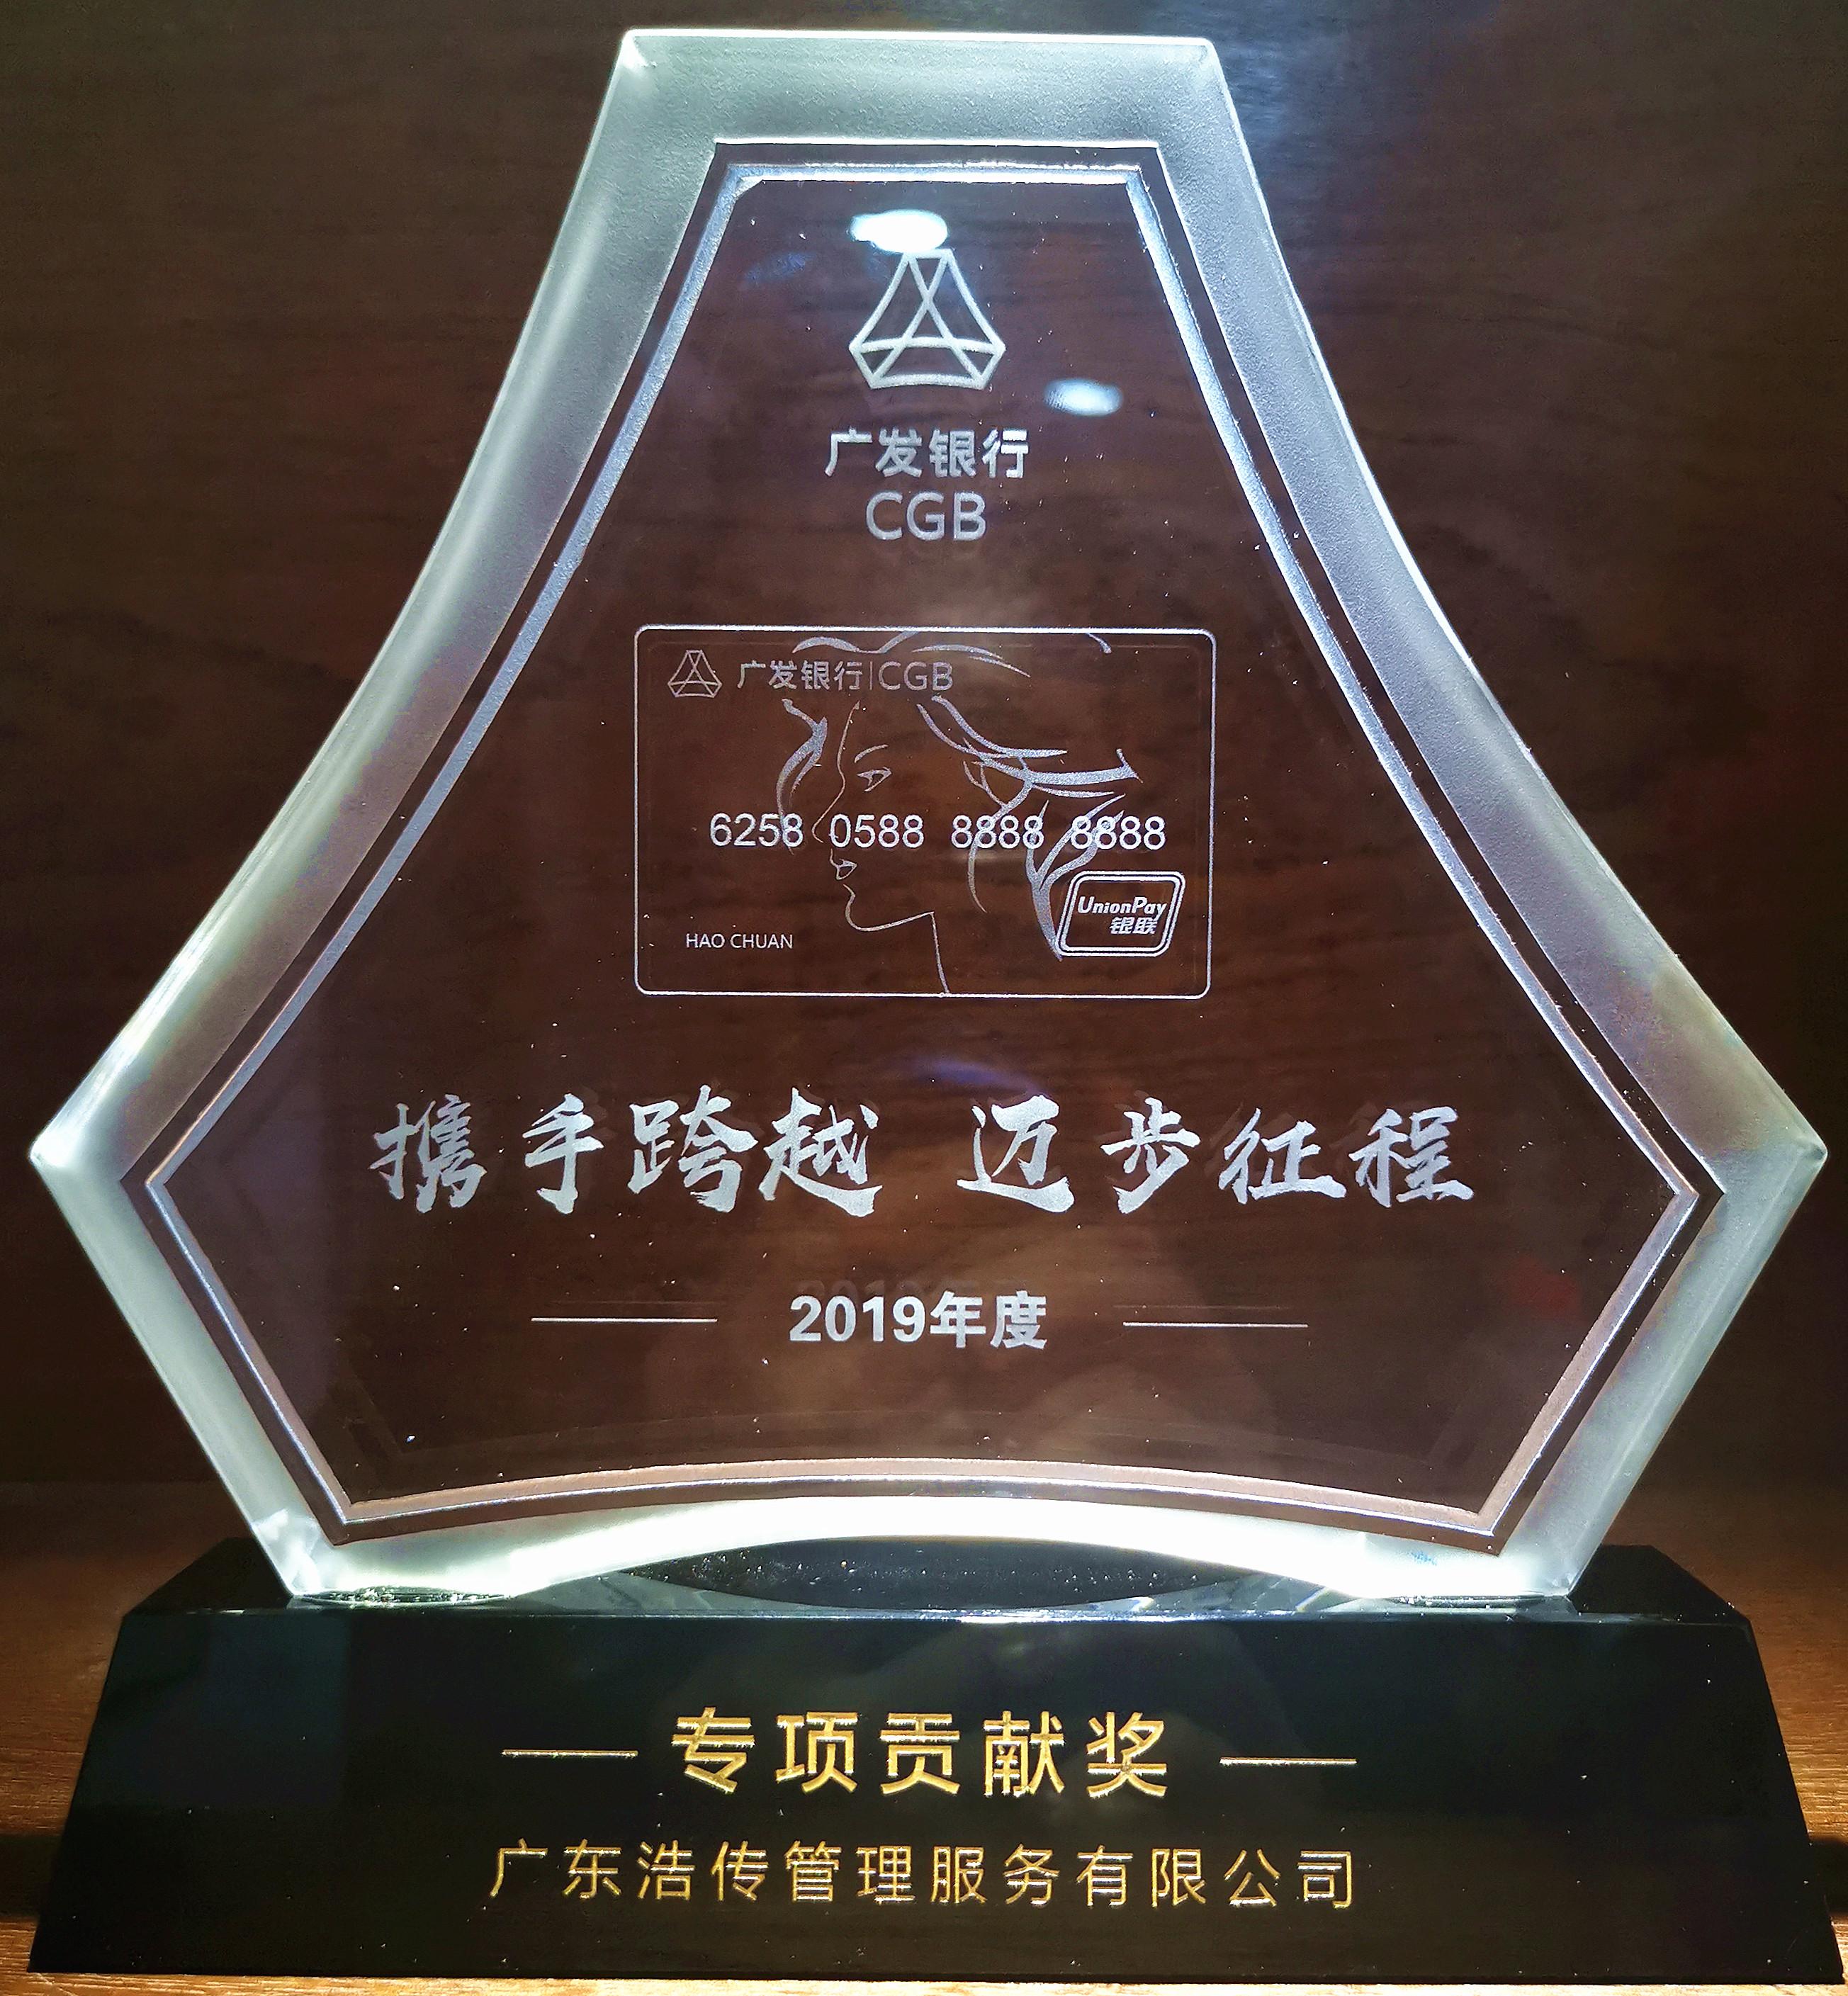 2019年廣發銀行專項貢獻獎